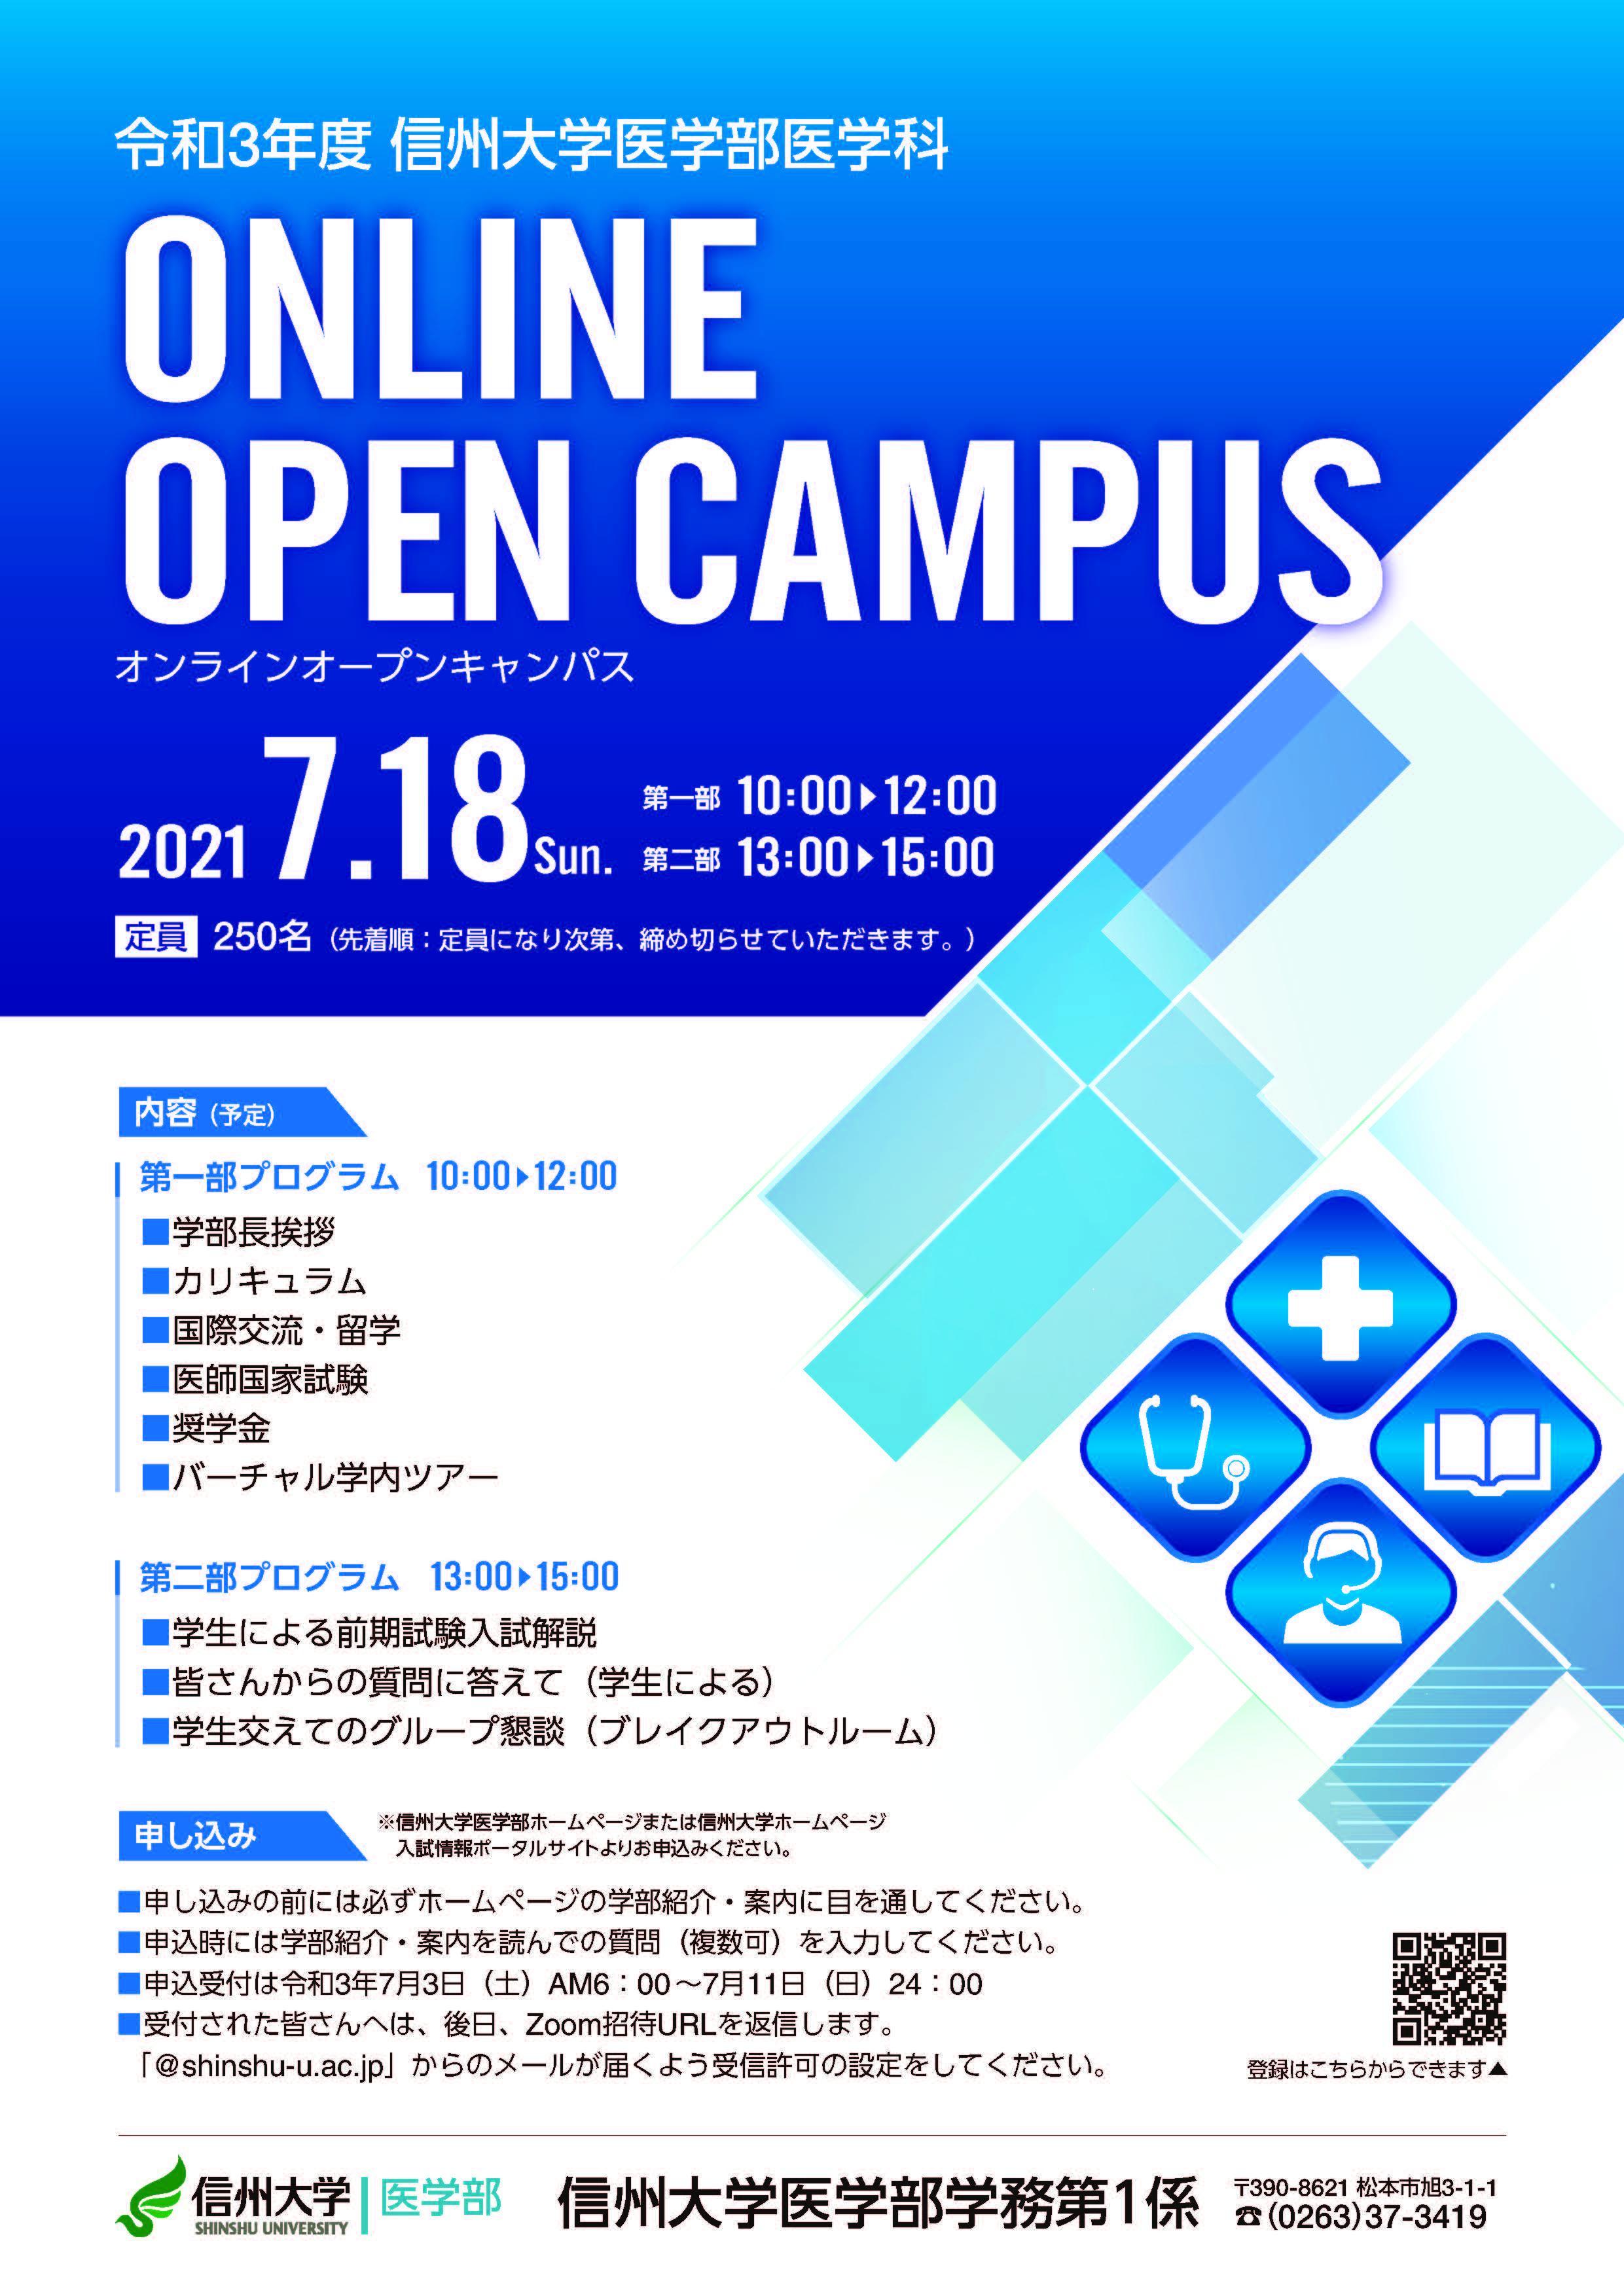 医学科オープンキャンパスA4リーフ.jpg